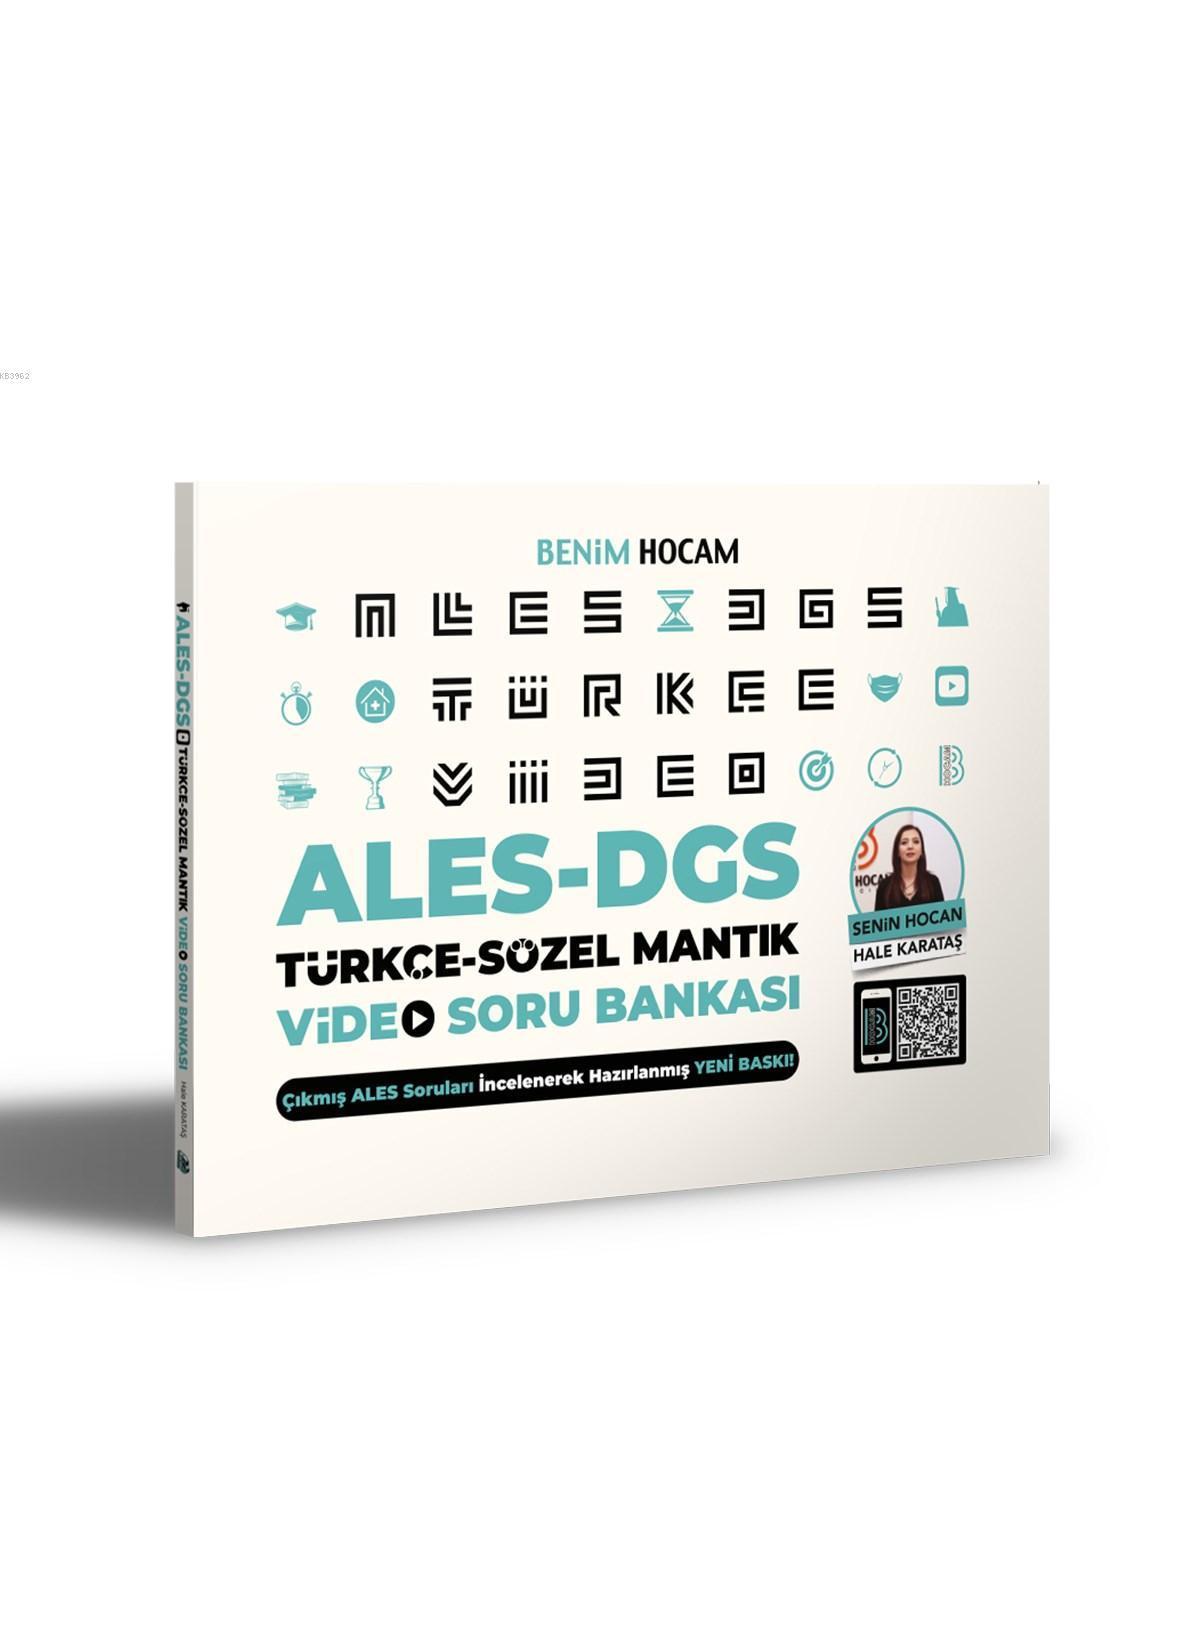 2021 ALES DGS Türkçe-Sözel Mantık Video Soru Bankası Benim Hocam Yayınları